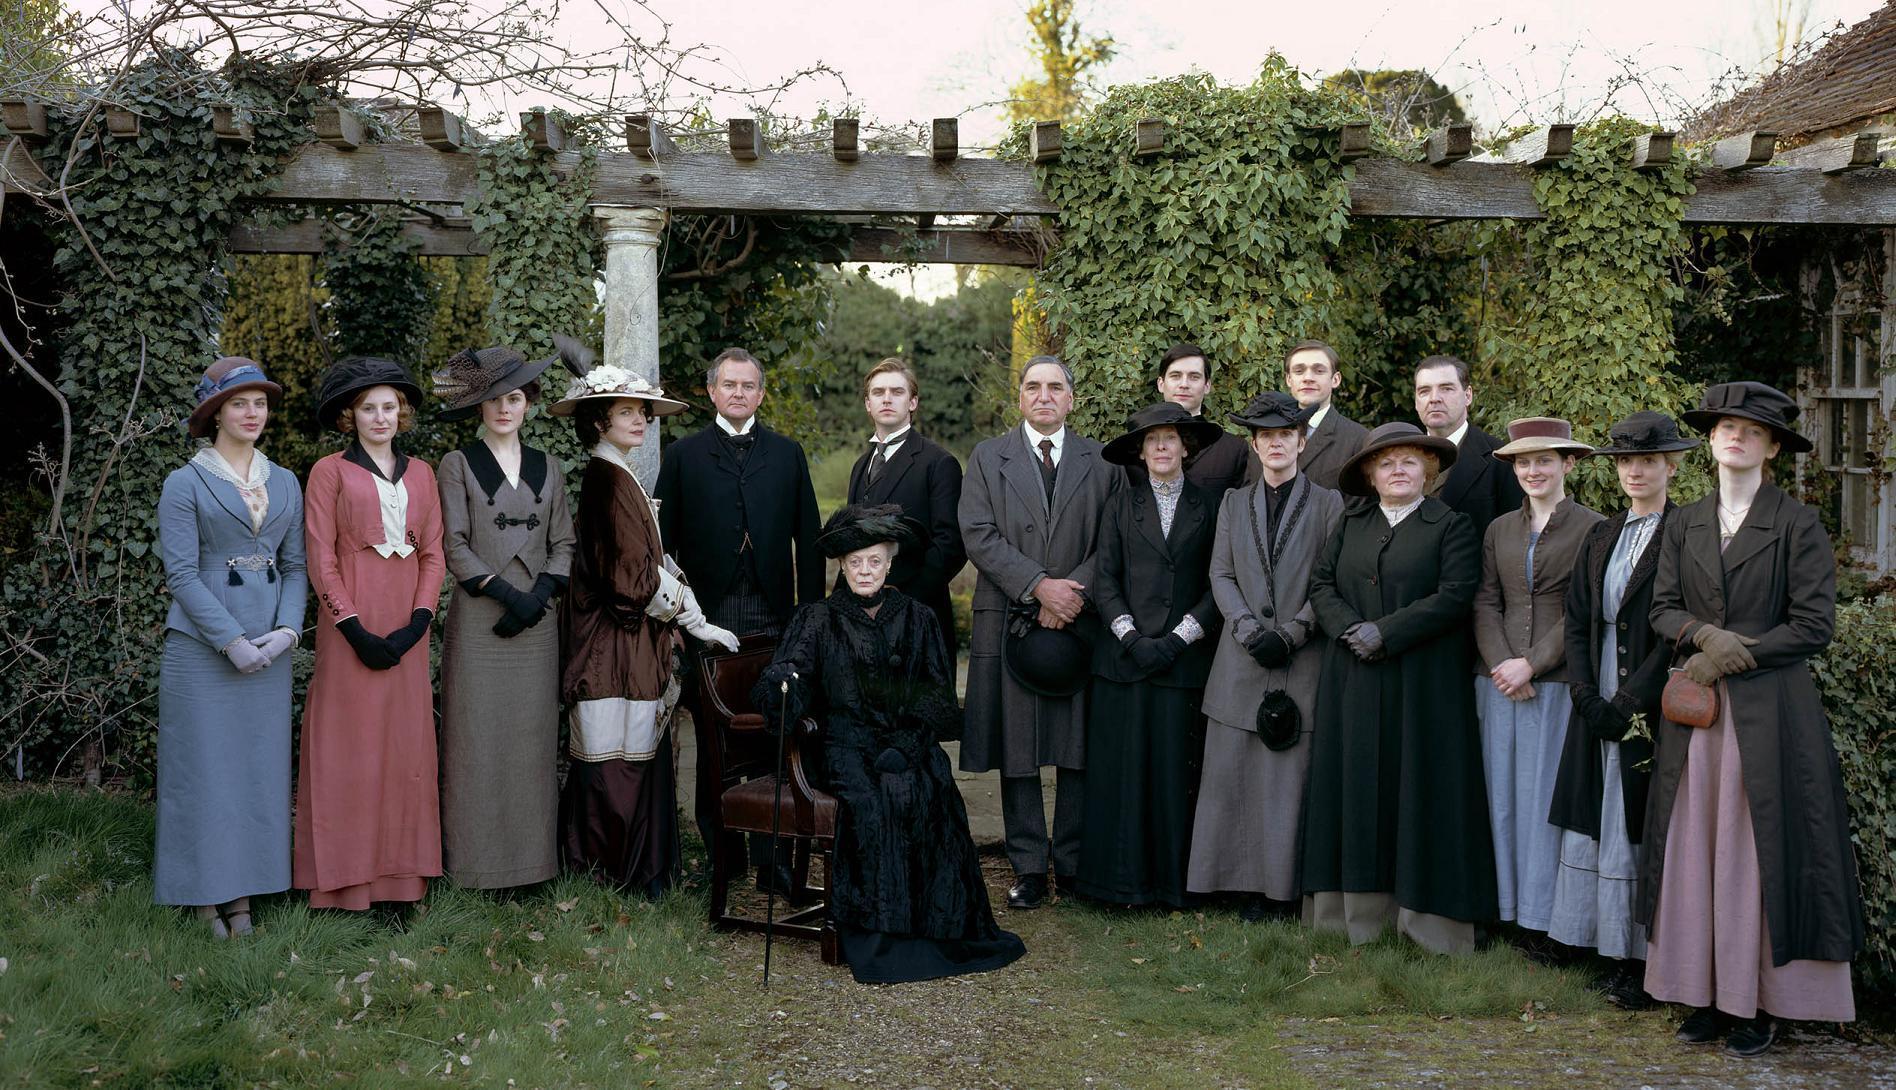 Downton Abbey, si tratta il rinnovo per quarta e quinta stagione (con cambi di cast?)